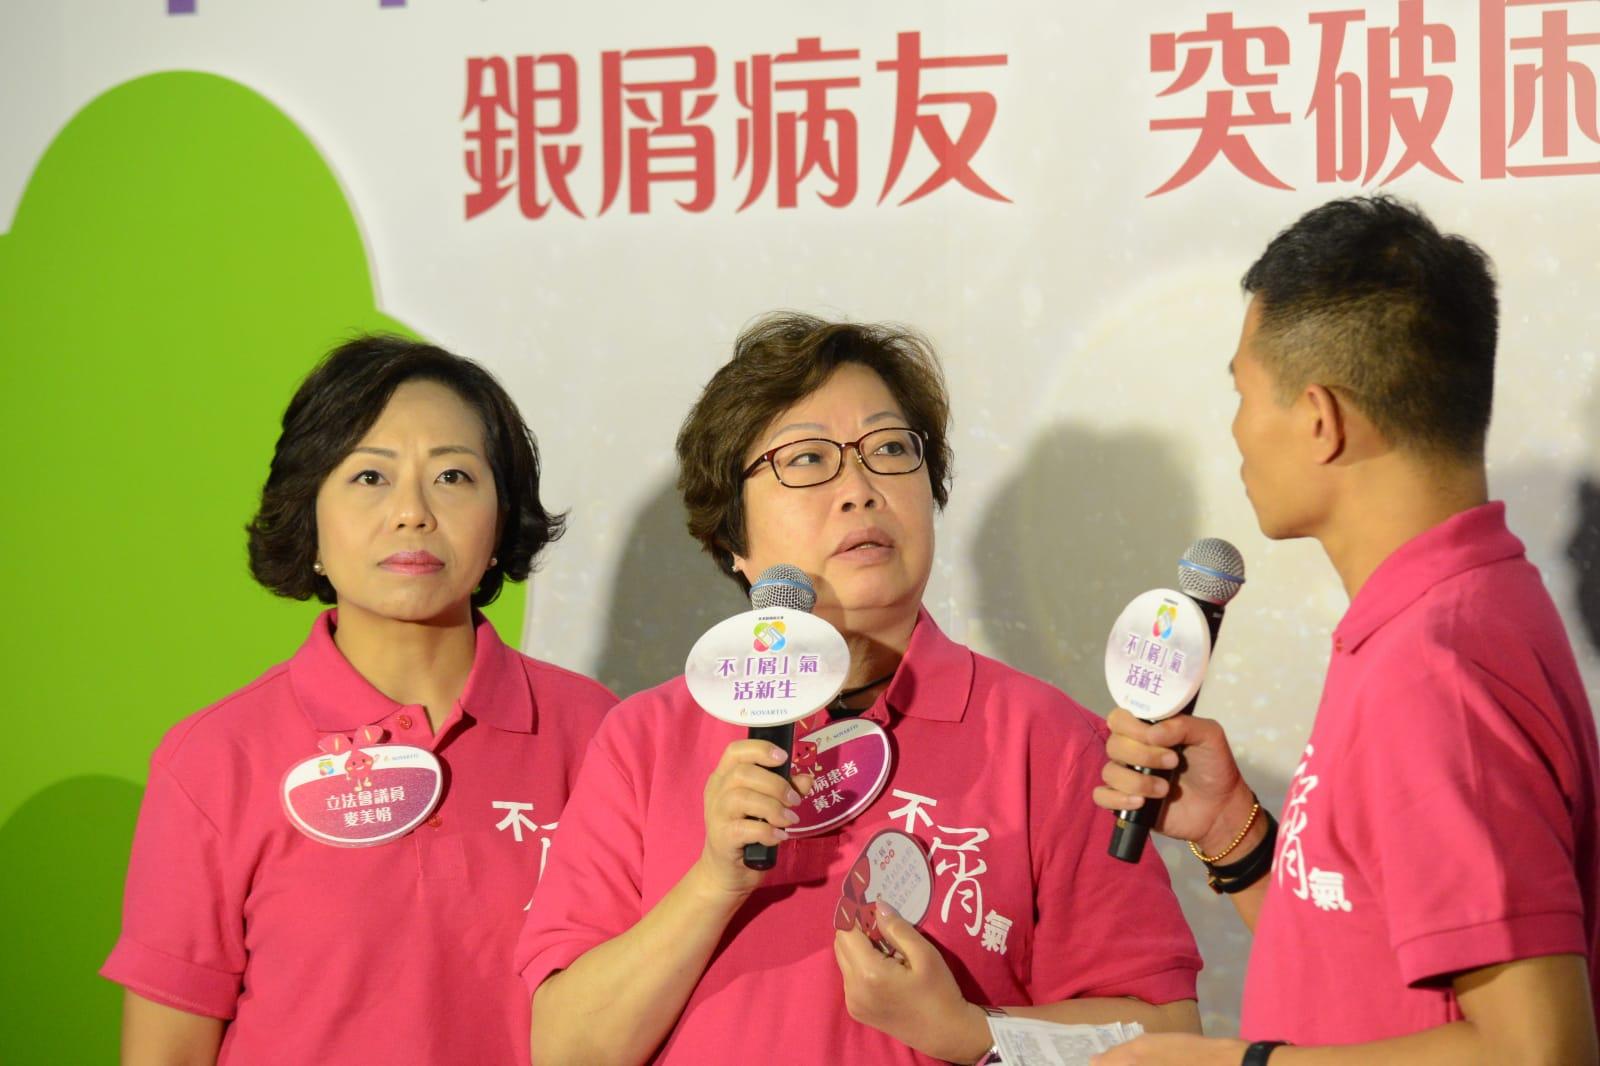 立法會議員麥美娟(左)呼籲增加公營皮膚科資源